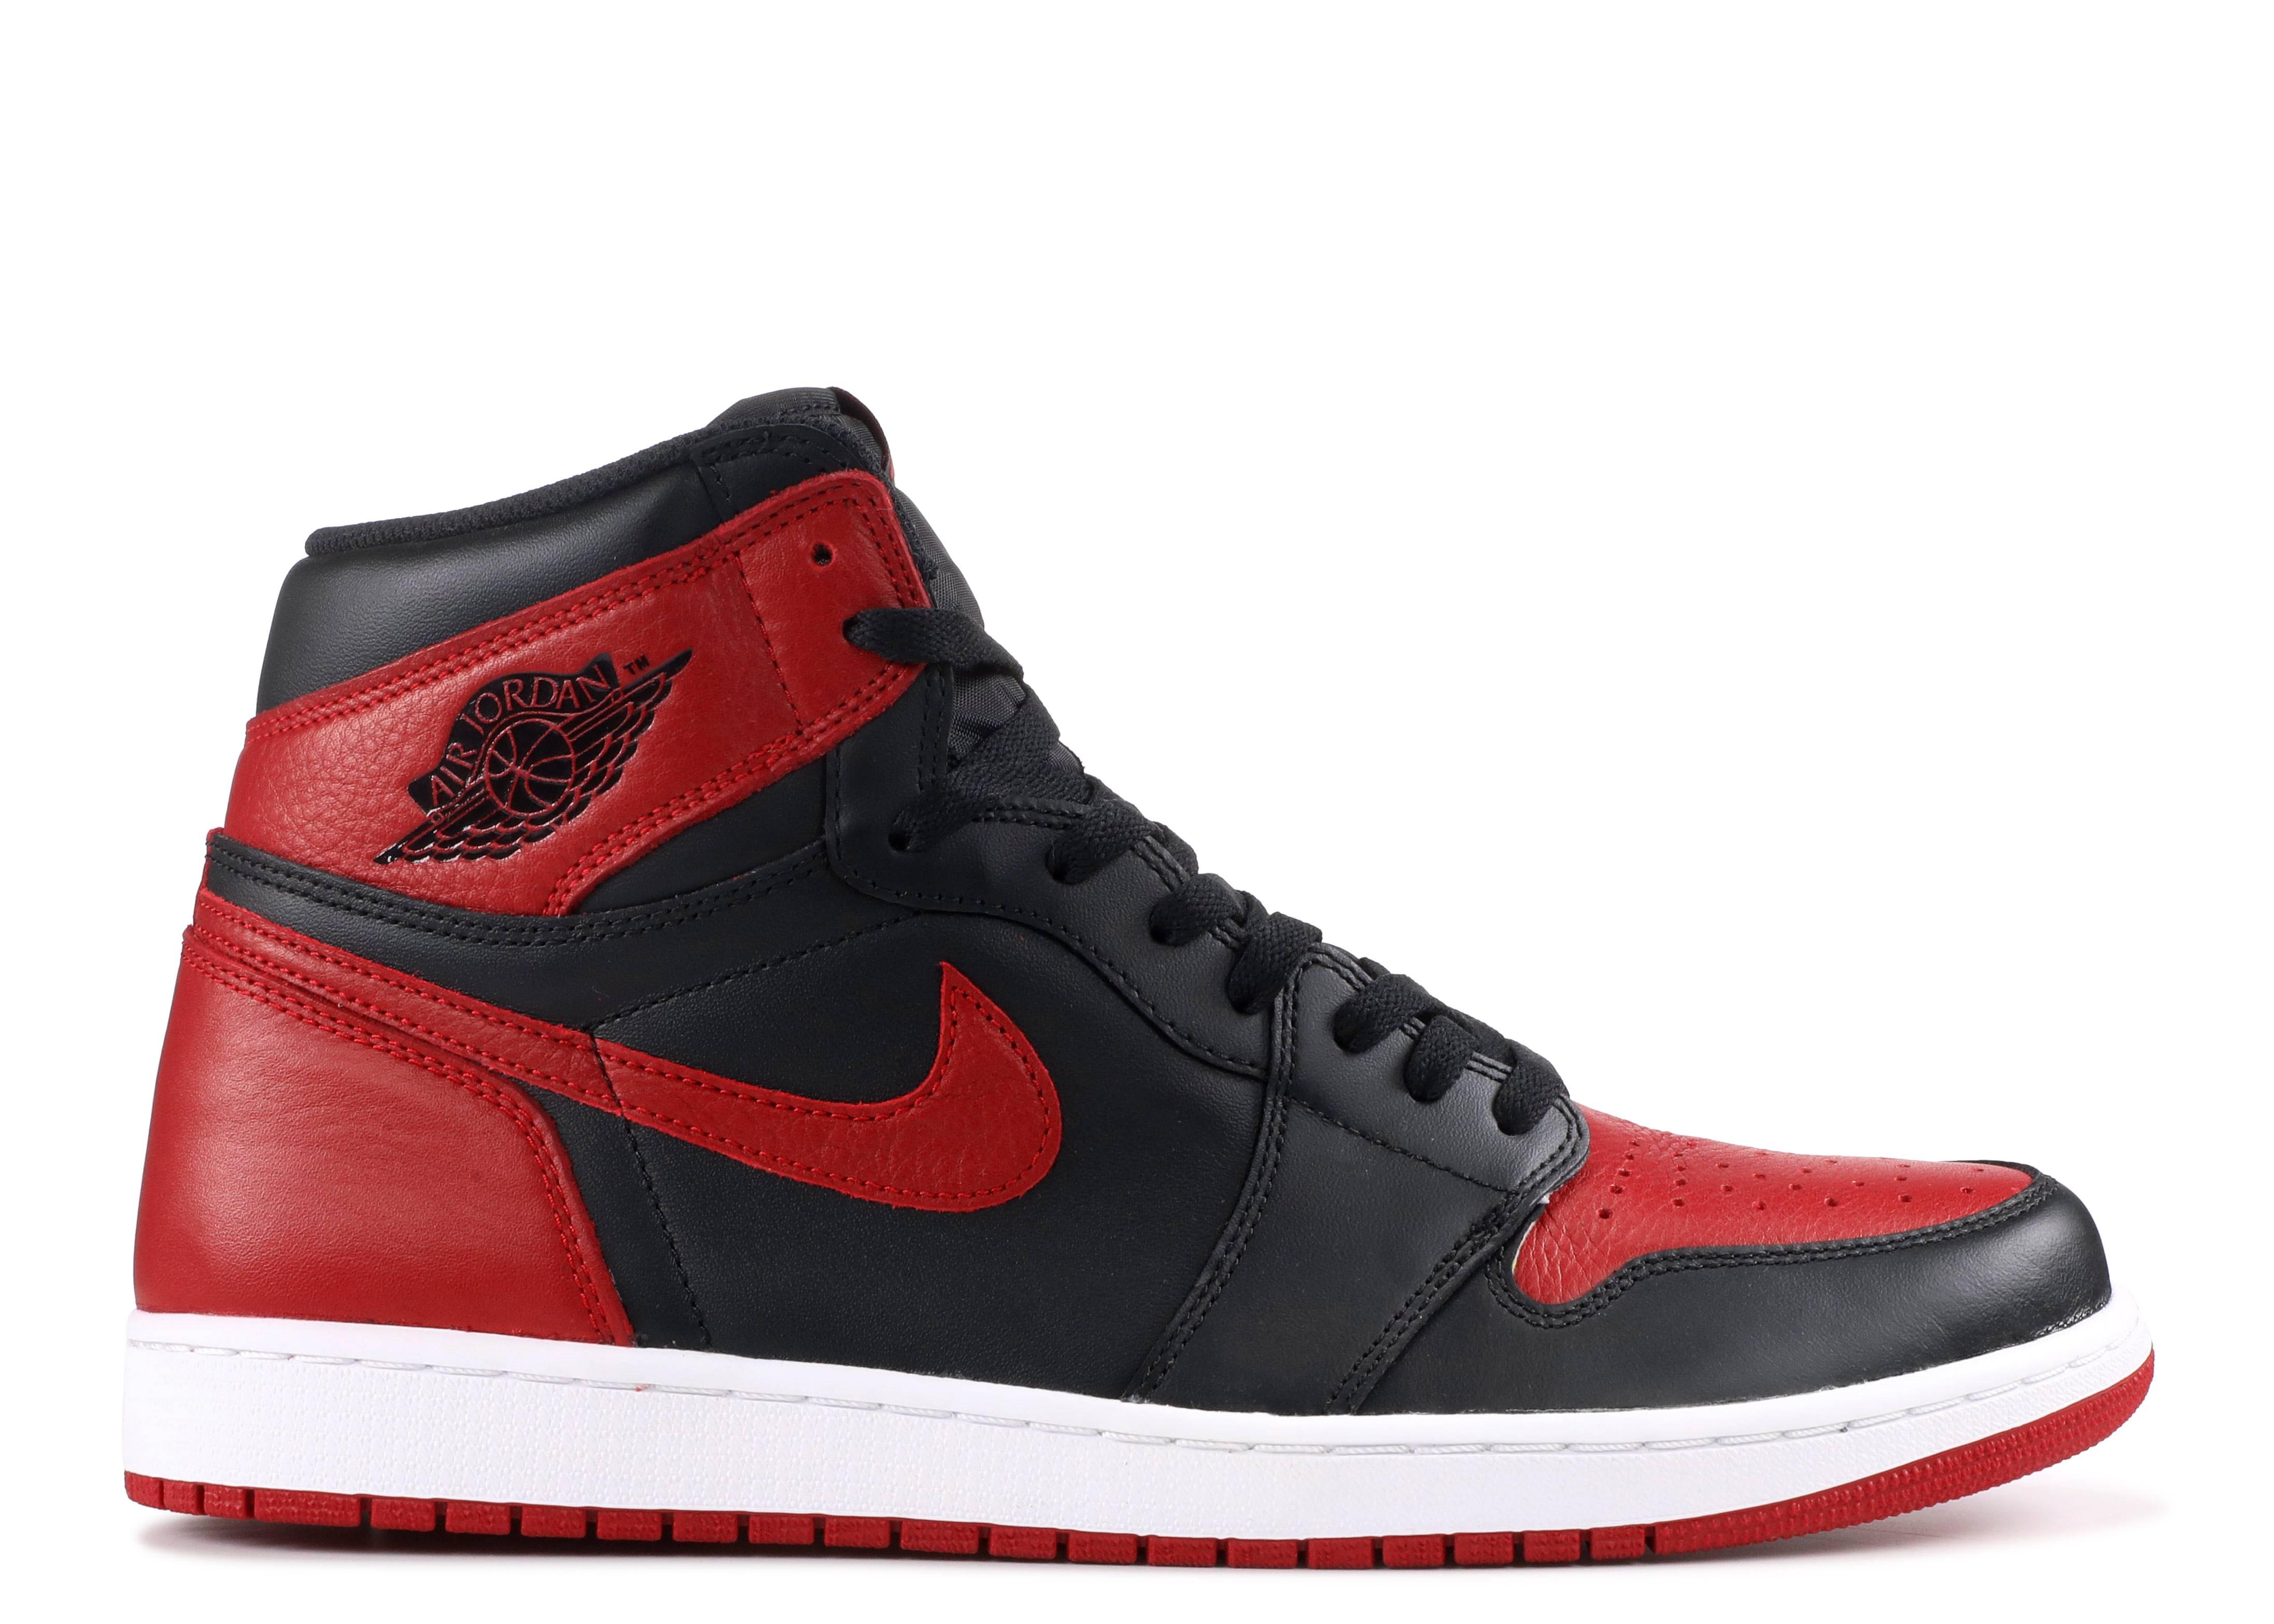 0586786e3216 Air Jordan 1 Retro High Og